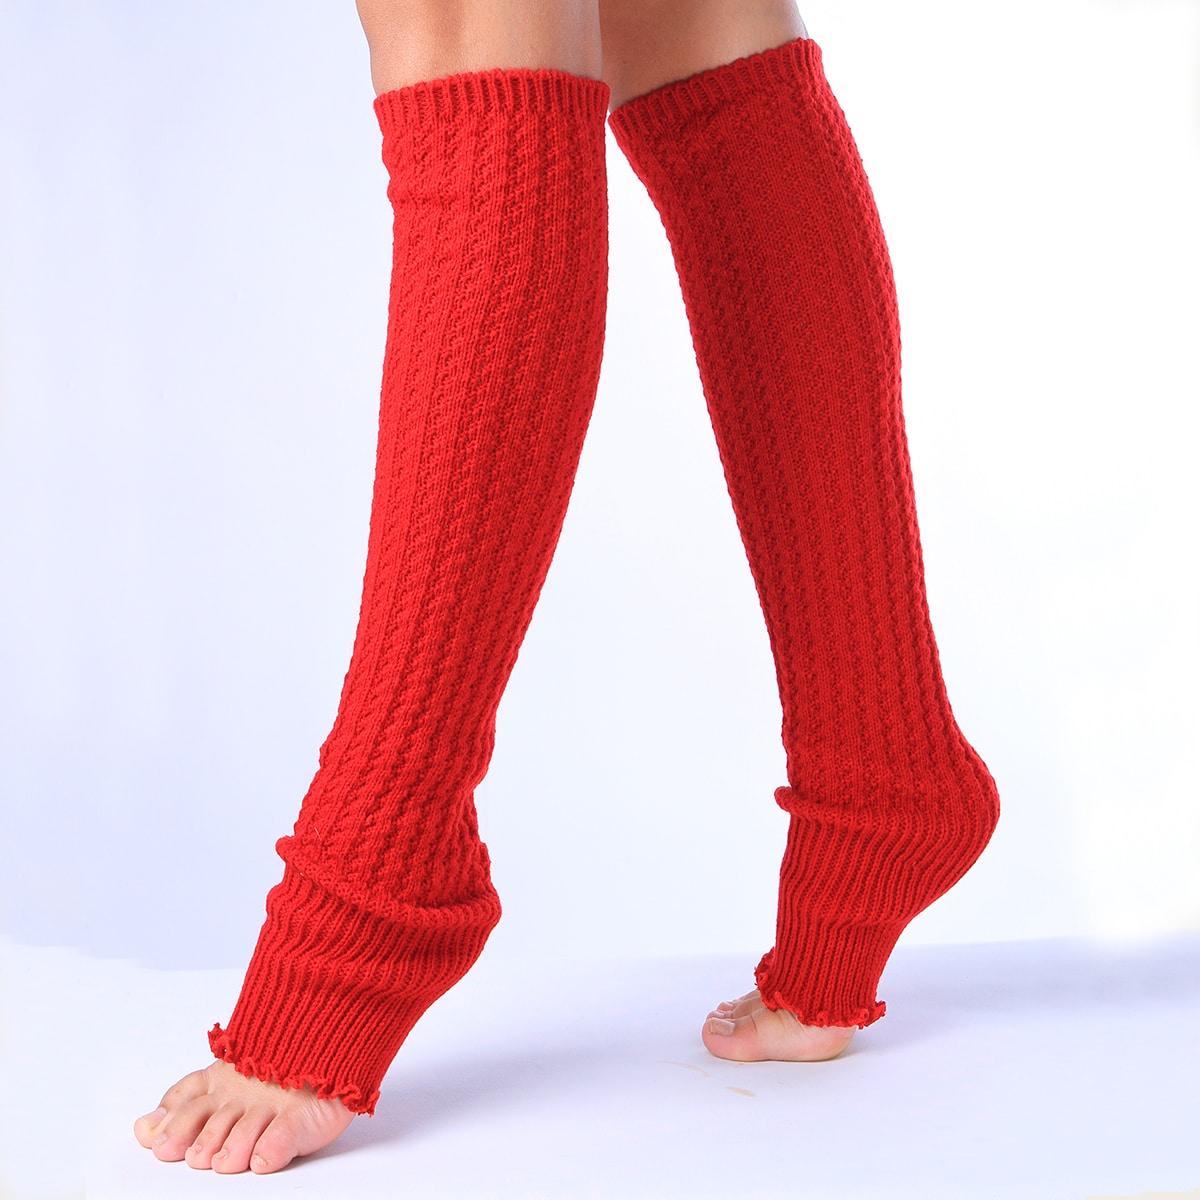 1pair Plain Leg Warmers